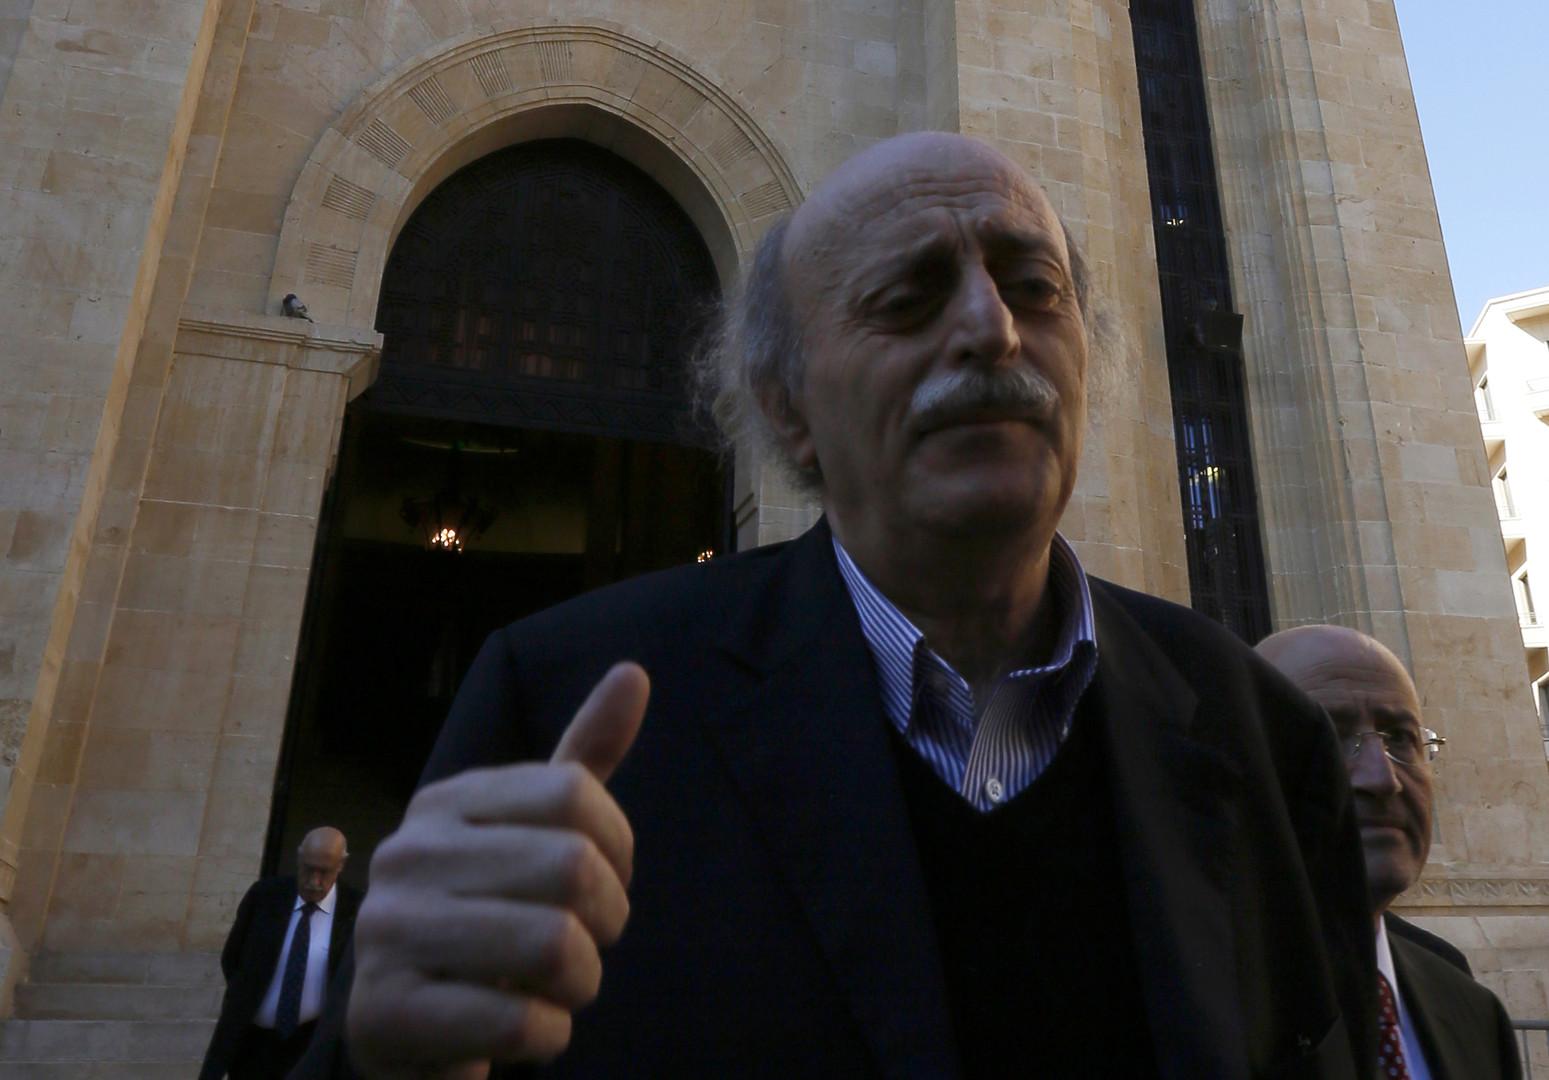 رئيس الحزب الاشتراكي اللبناني وليد جنبلاط-أرشيف